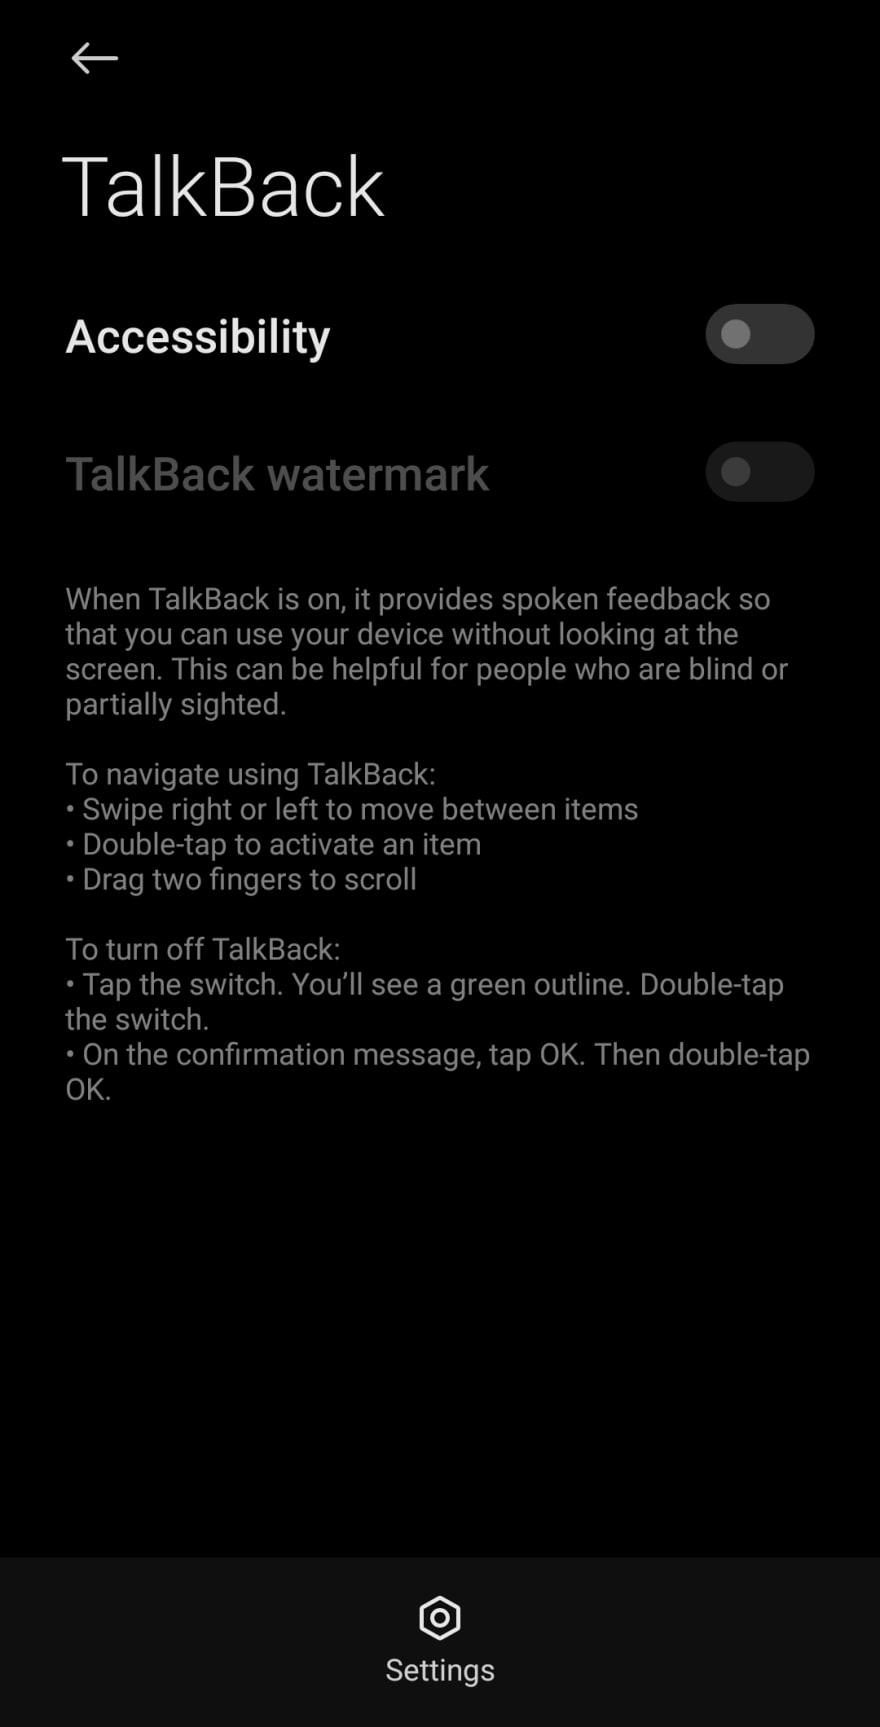 TalkBack is off